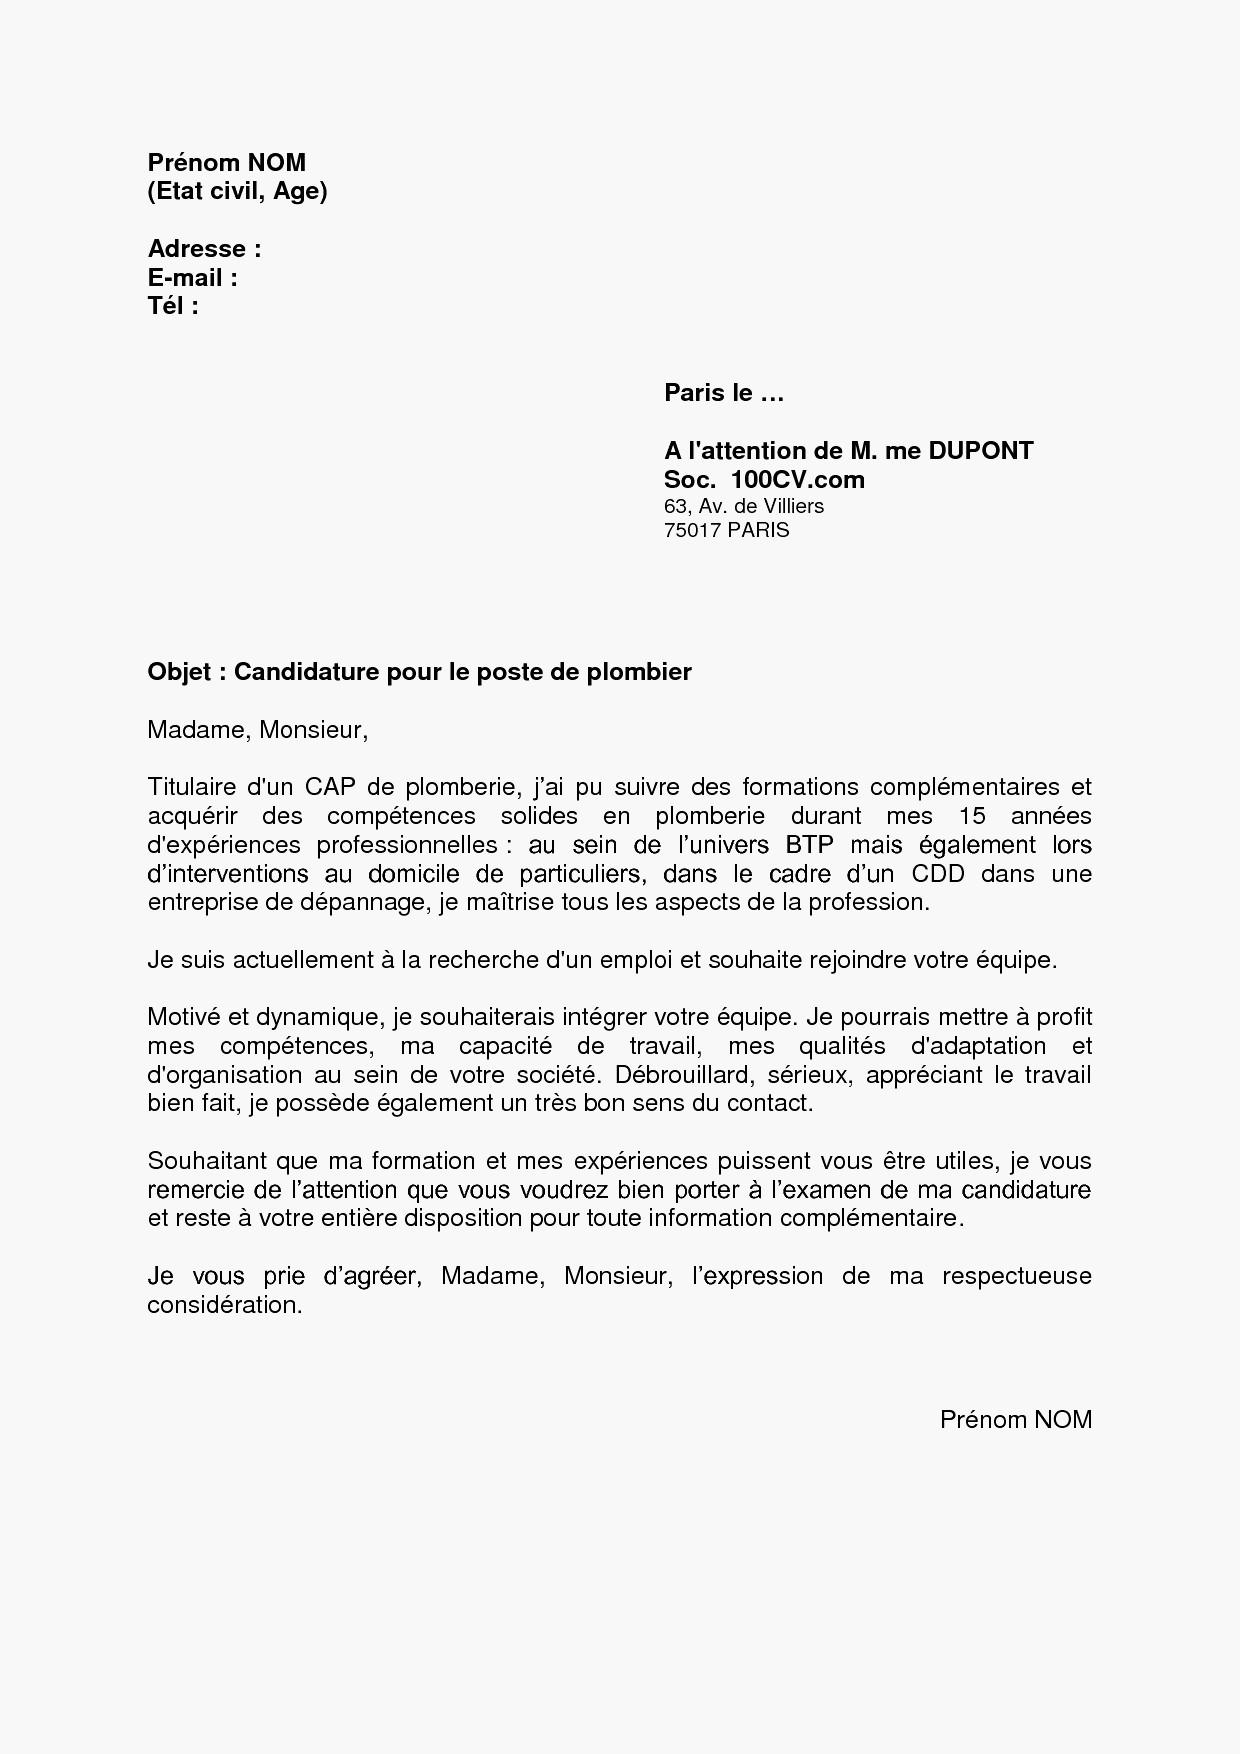 lettre de motivation pour un poste de pr u00e9parateur de commande